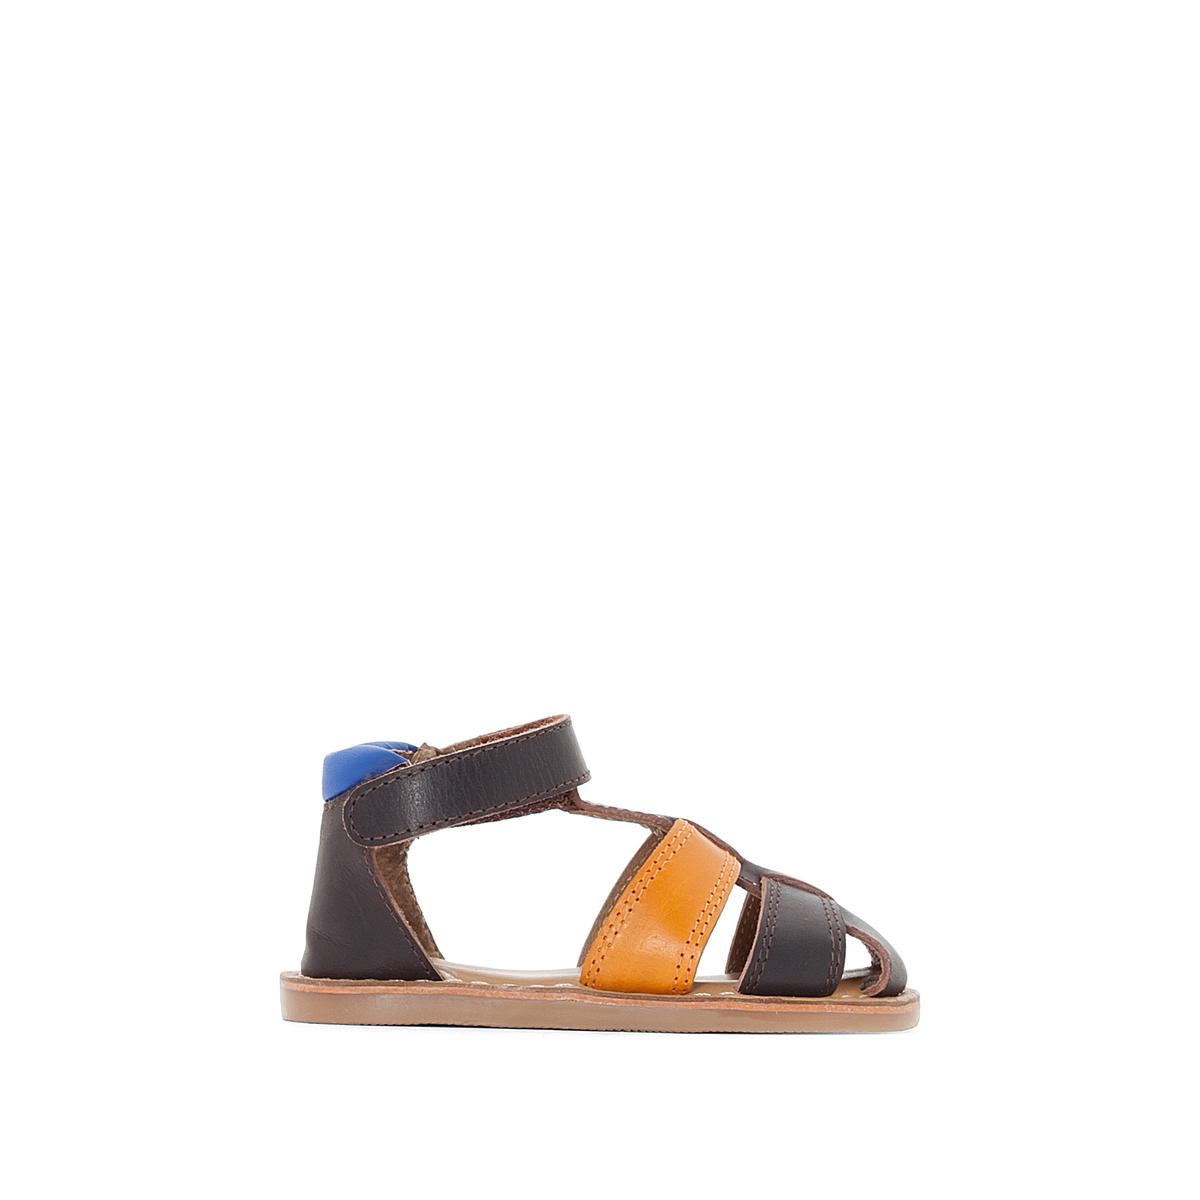 Sandálias em pele com presilha autoaderente, do 19 ao 25